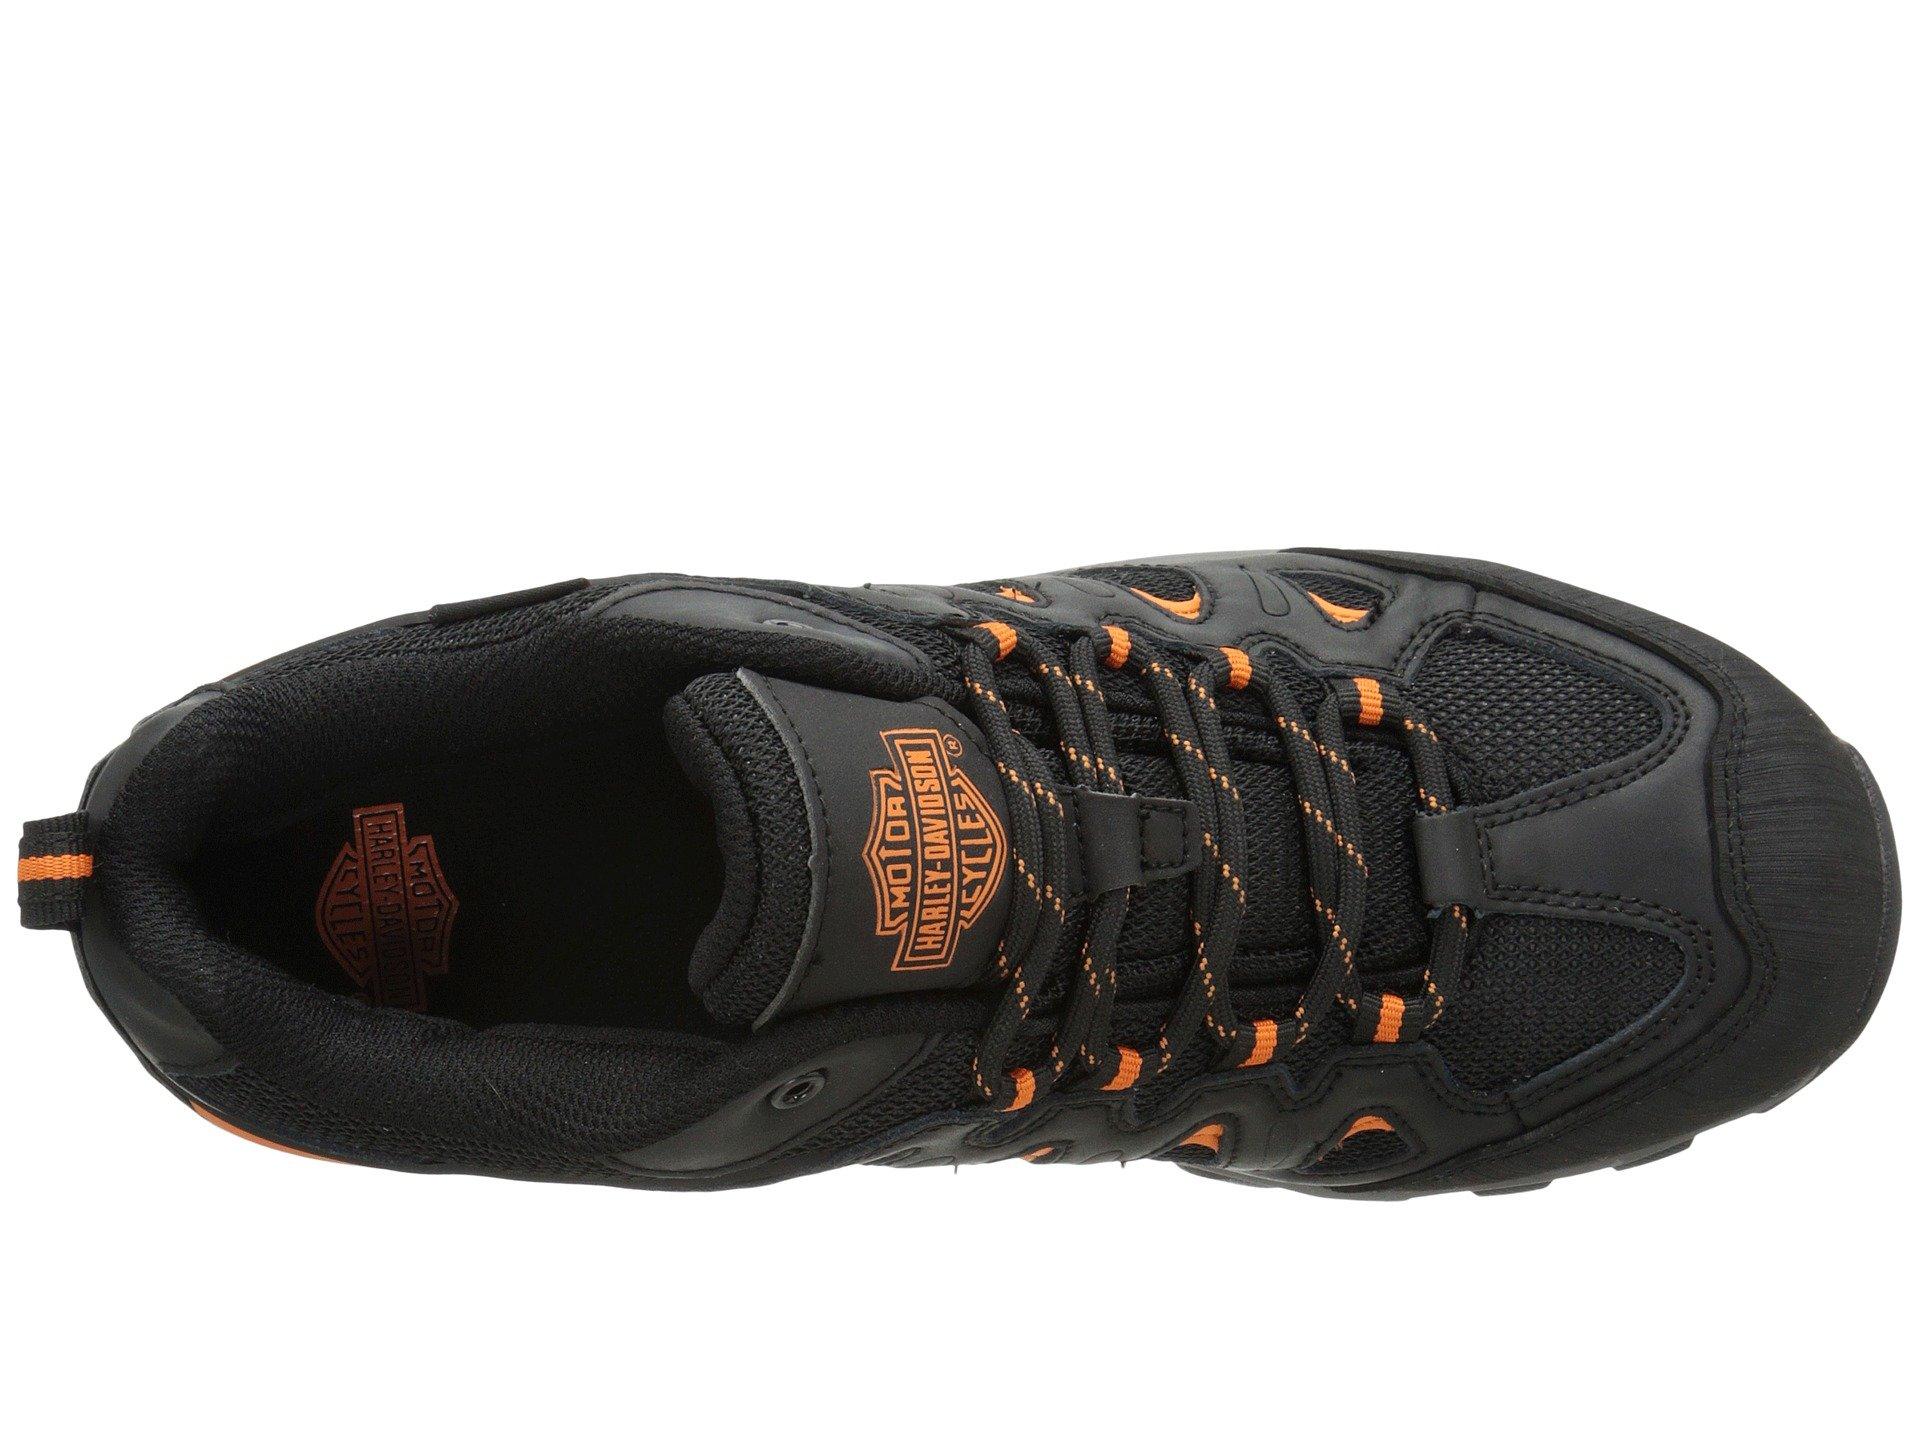 Harley Eastfield Black Composite davidson Toe 7war57Wq